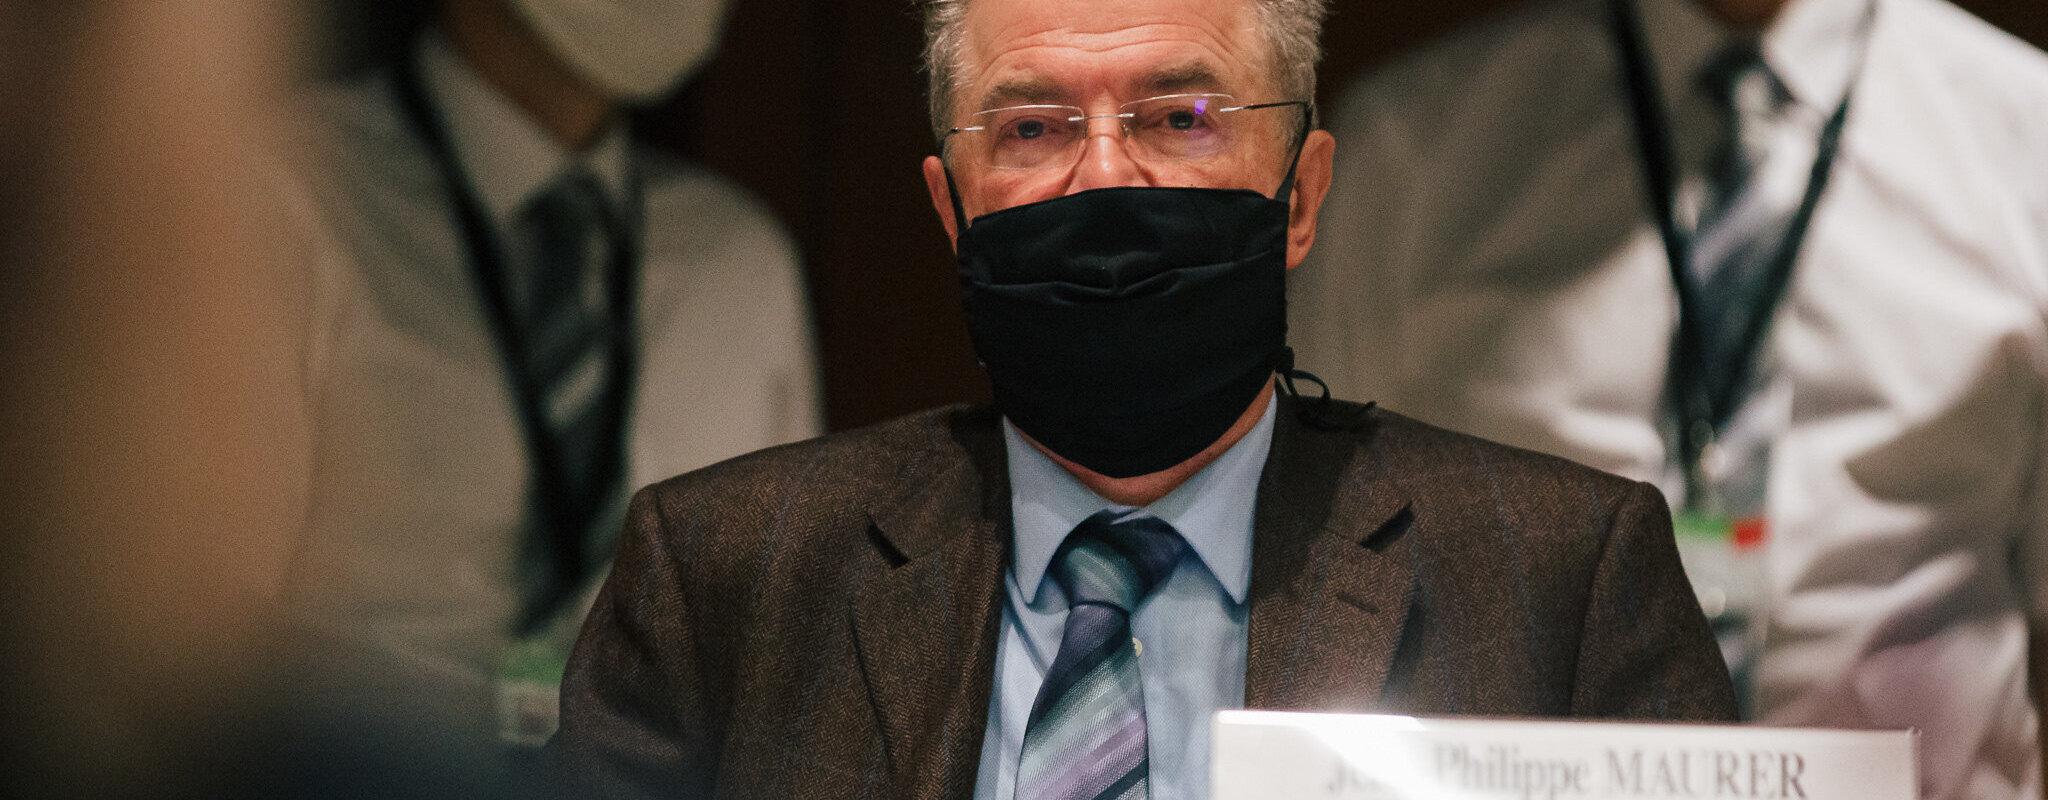 Pourquoi Jean-Philippe Maurer, élu de la Meinau, n'a pas pris part au vote sur la mosquée Eyyub Sultan